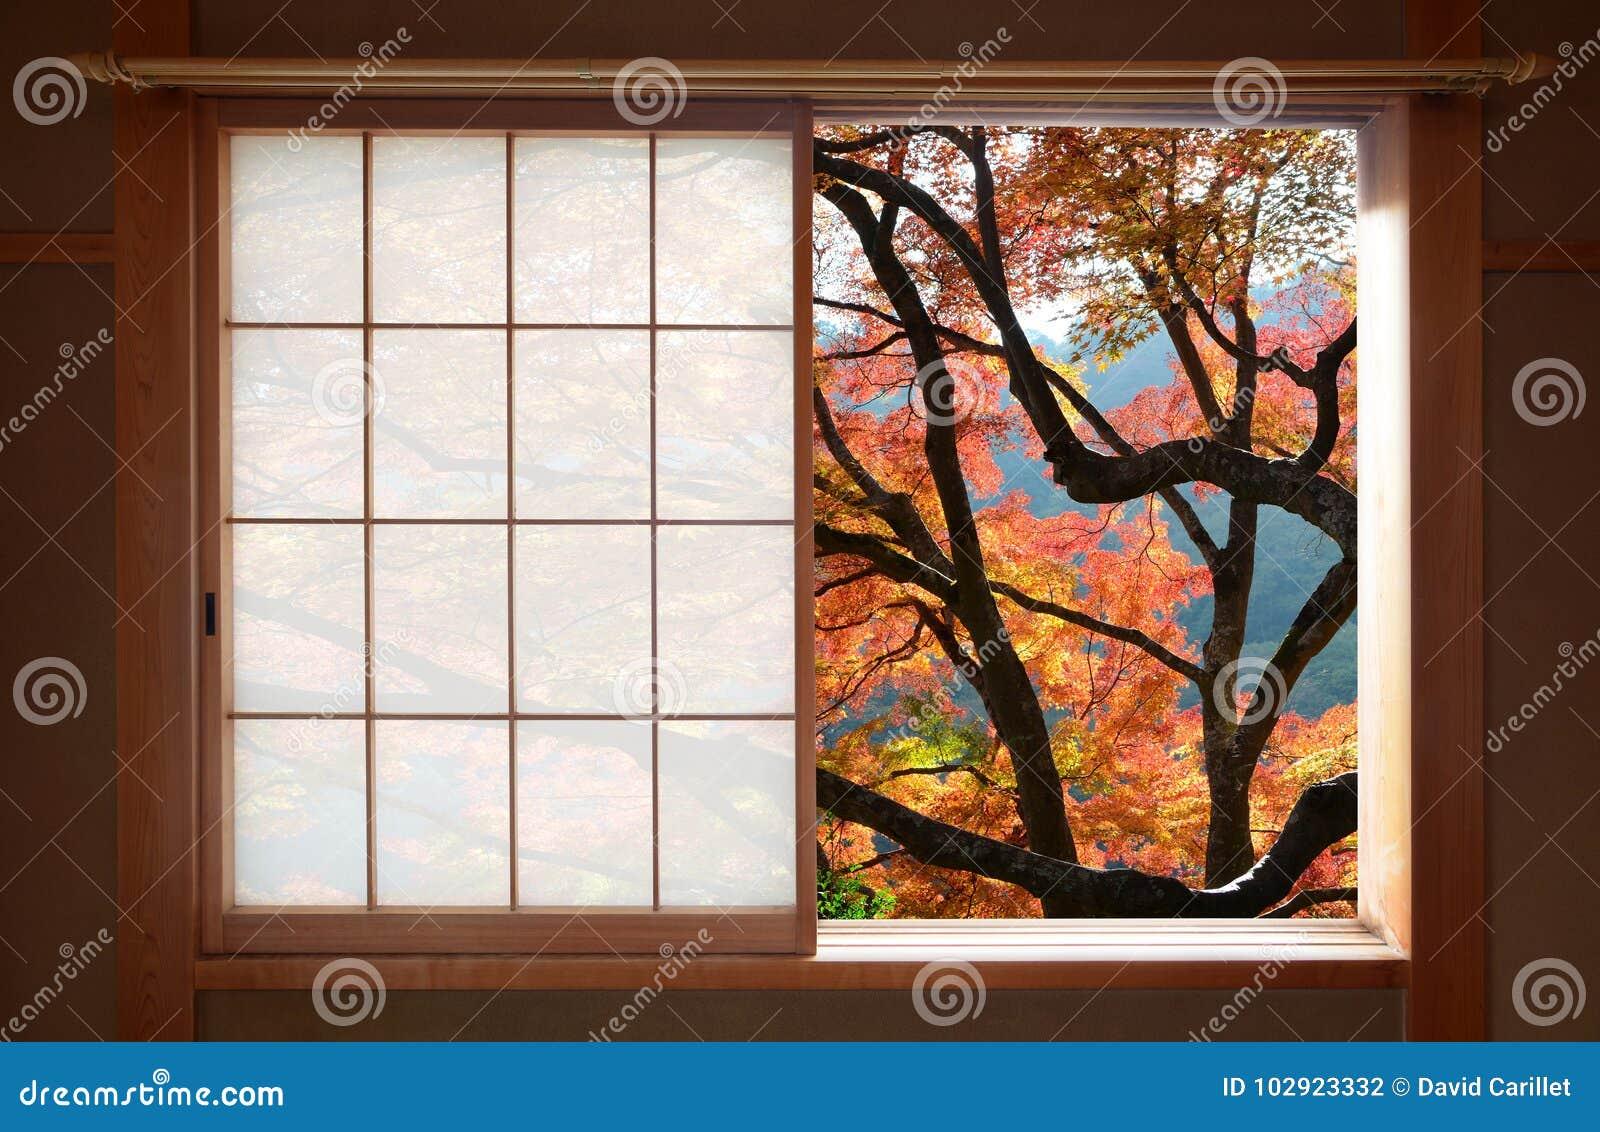 la fen tre en bois japonaise simple de cadre avec une vue gentille d 39 rable d 39 automne part photo